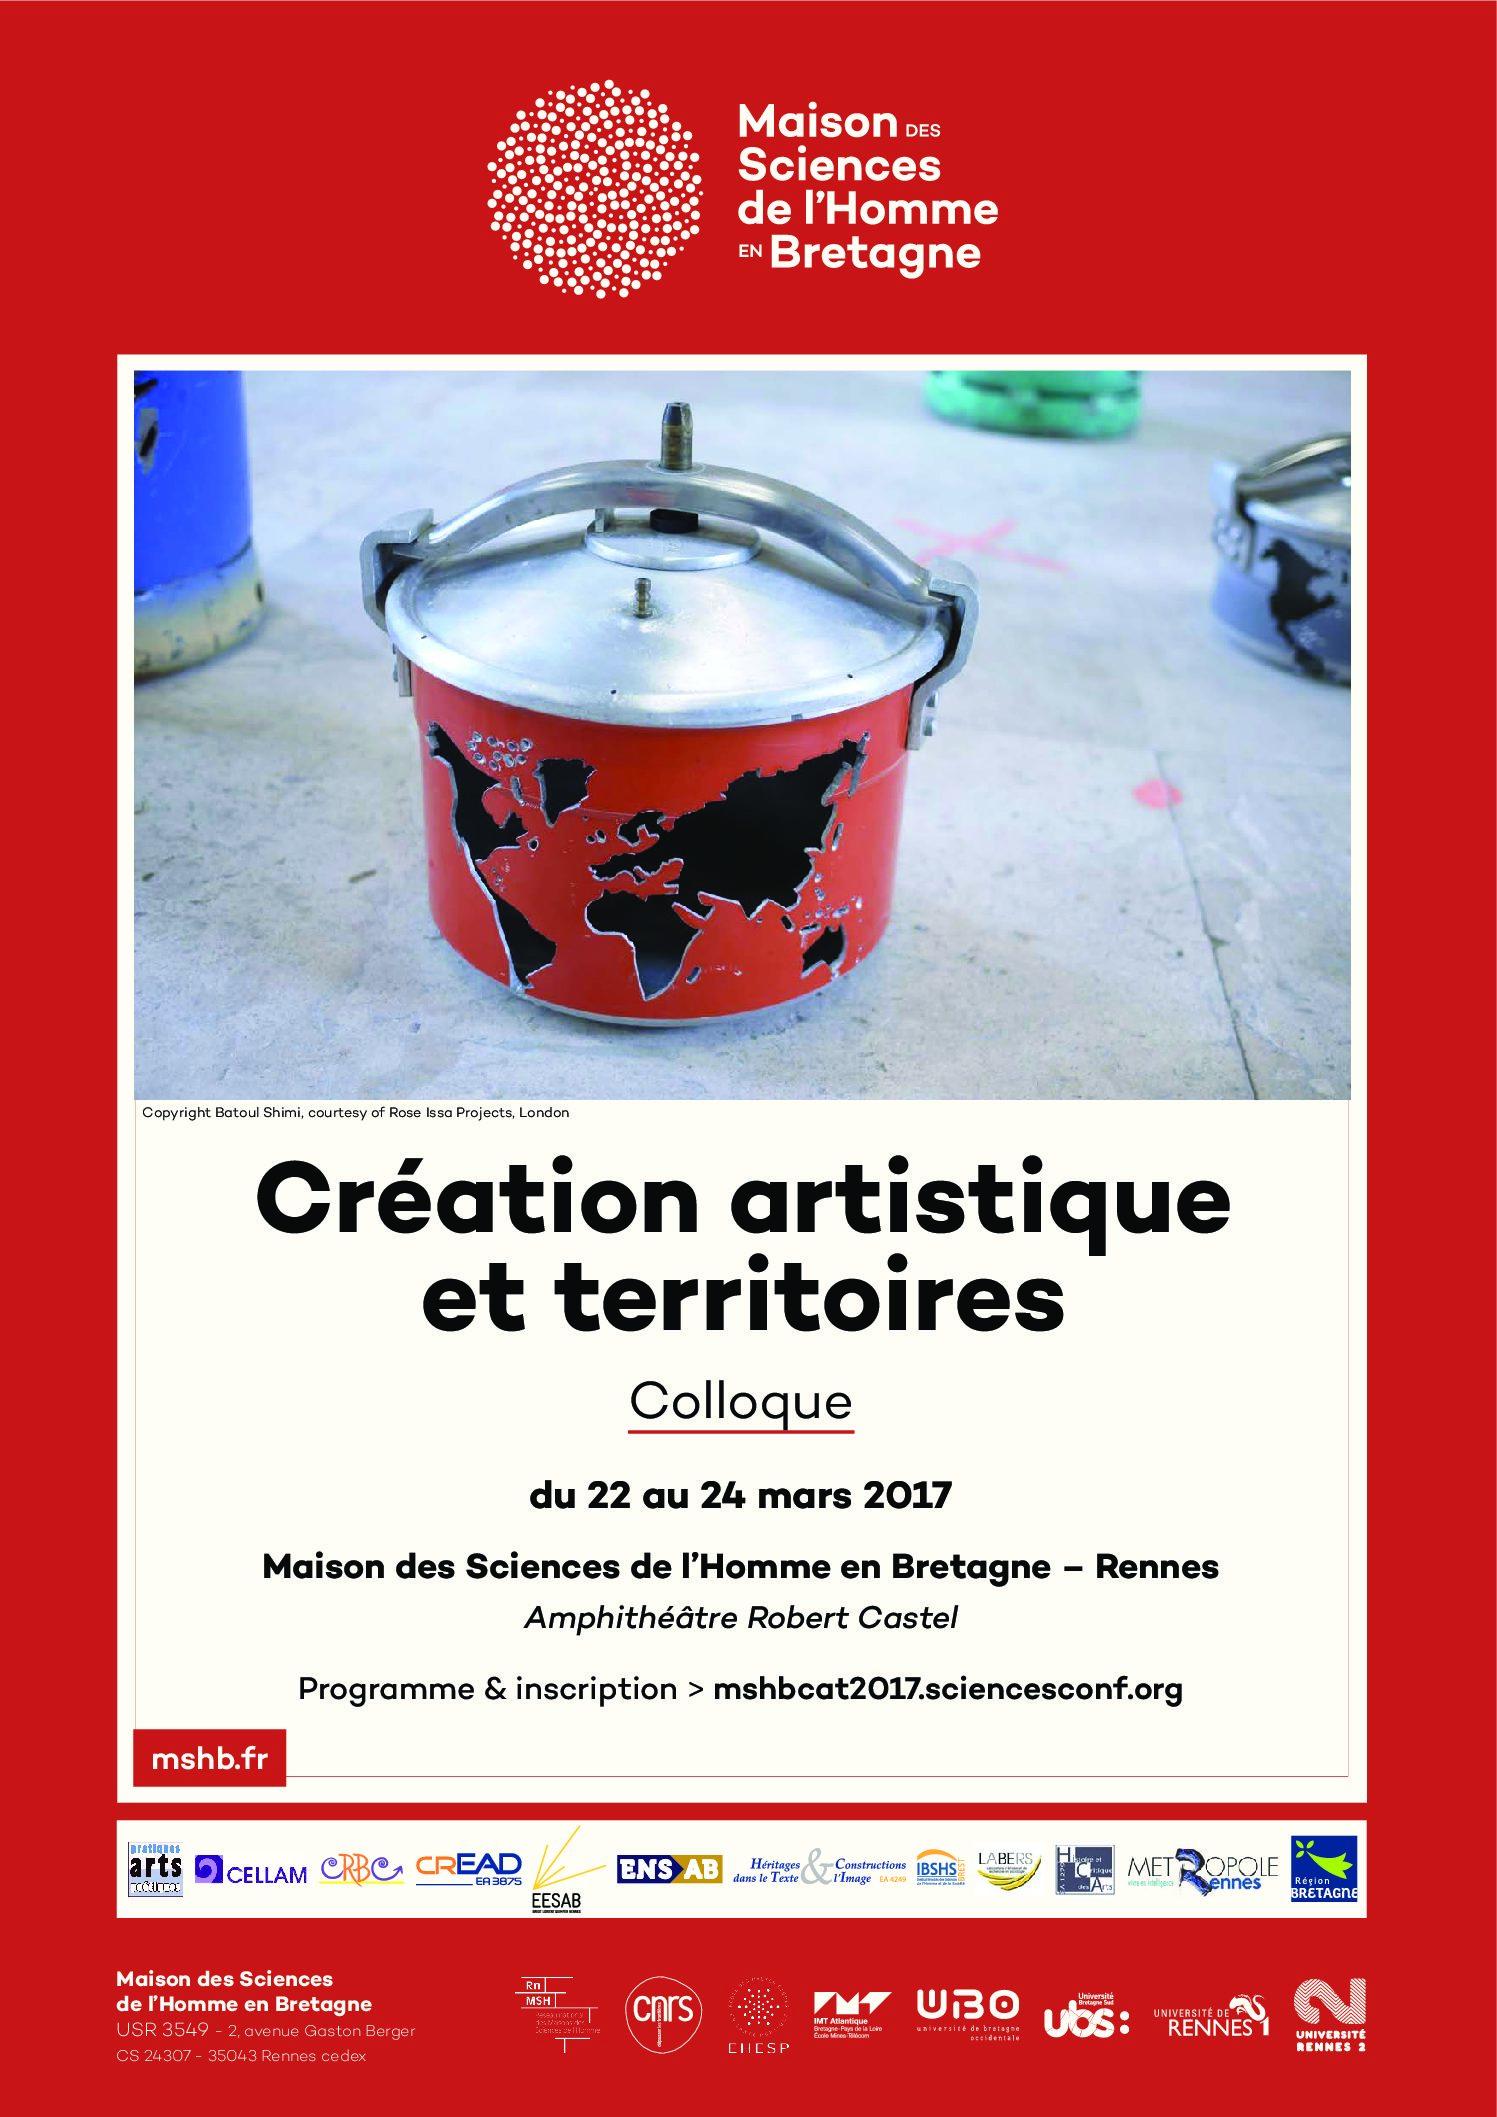 Colloque «Création artistique et territoires»